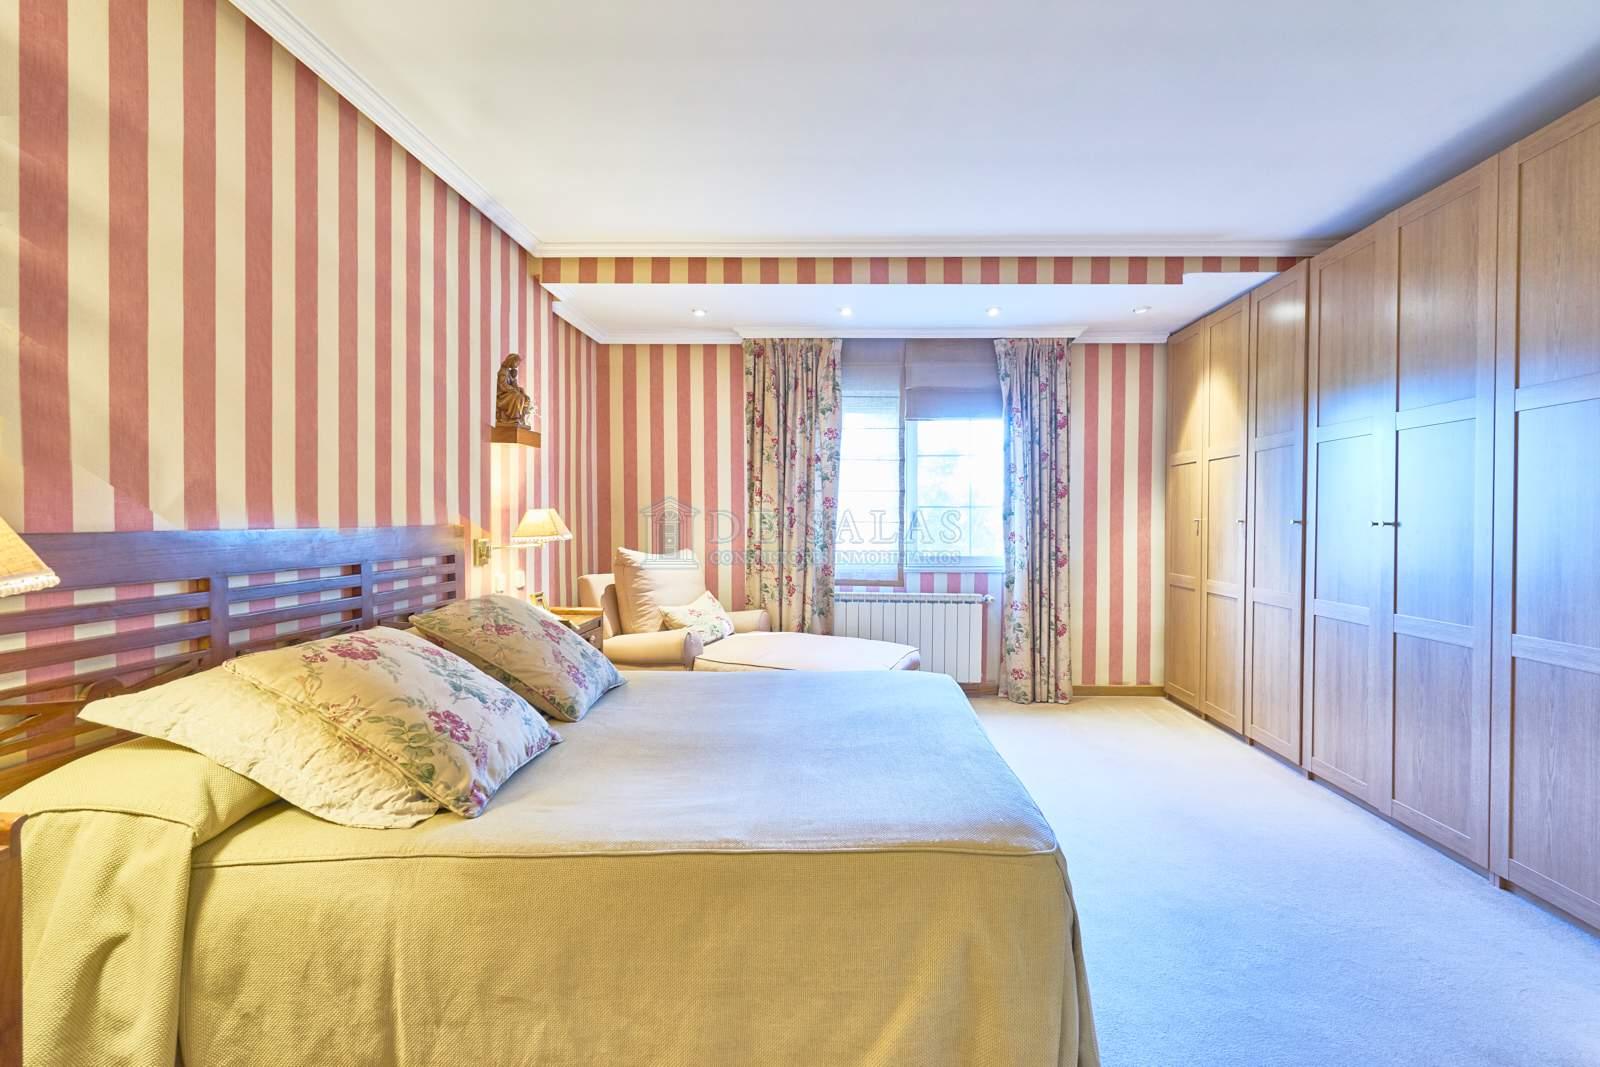 Dormitorio-0025 Maison El Encinar de los Reyes